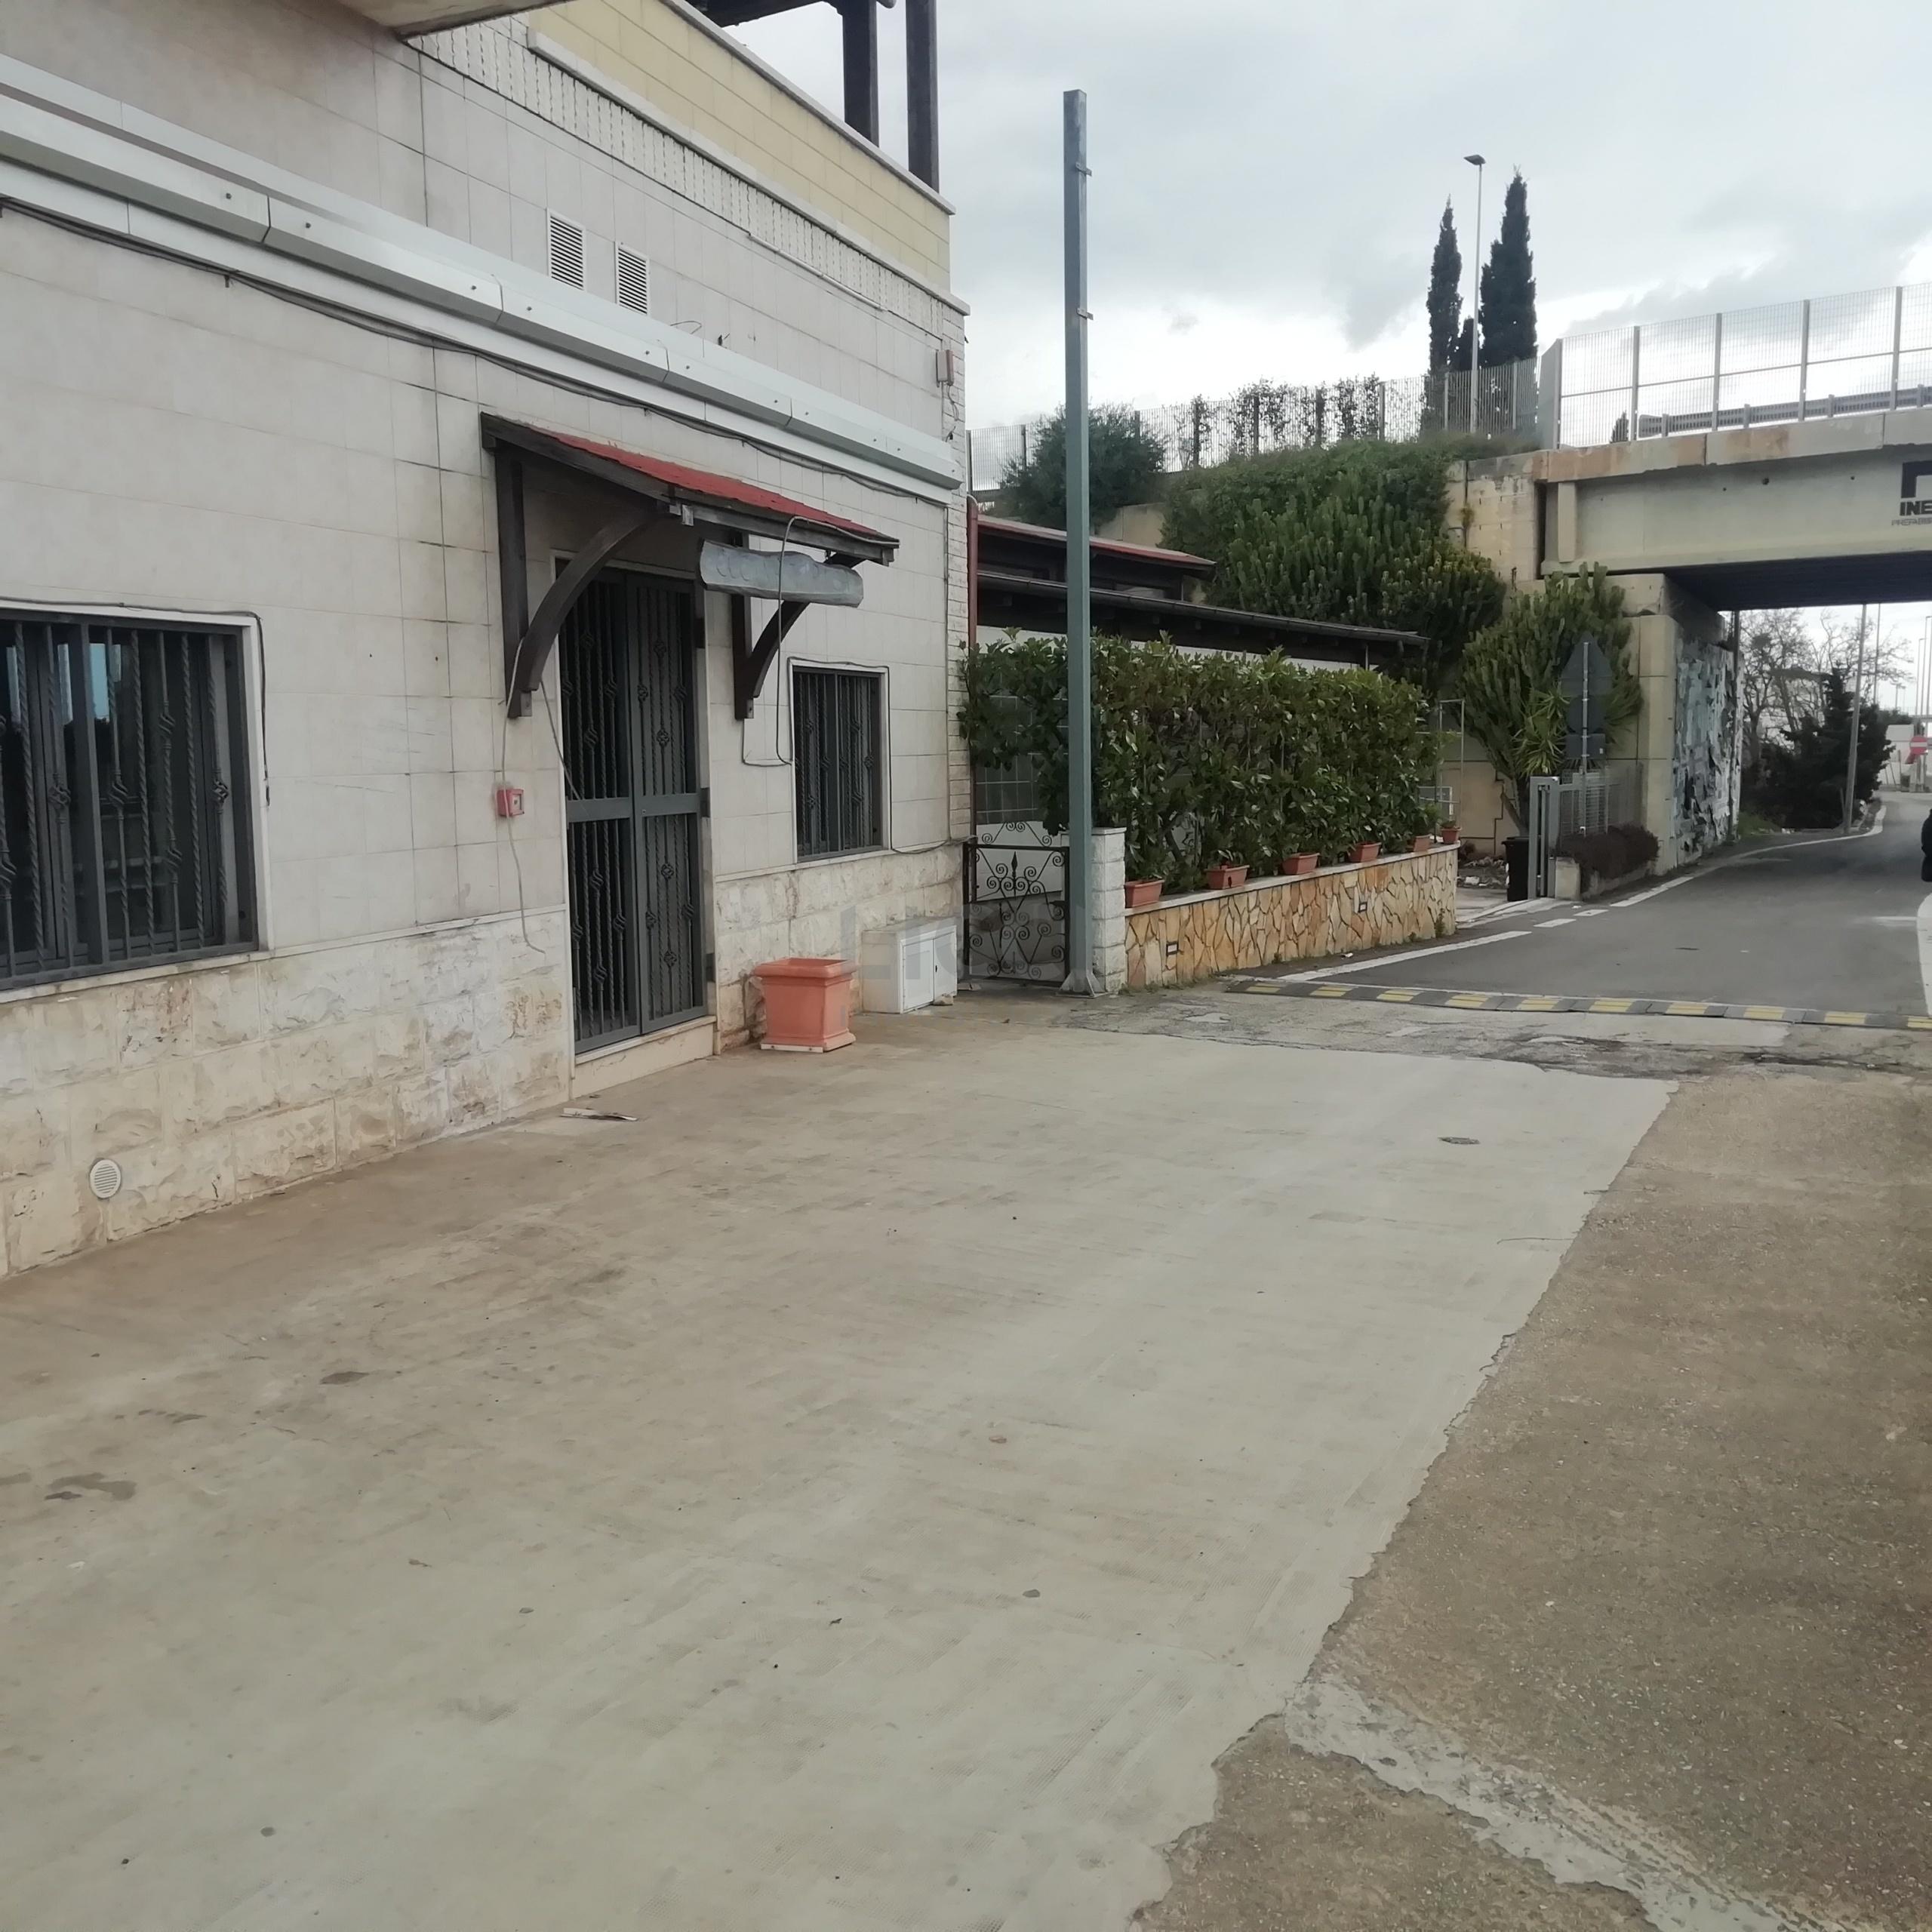 Locale commerciale a Monopoli Contrada San Antonio D'Ascula 224, Strada Trafficata